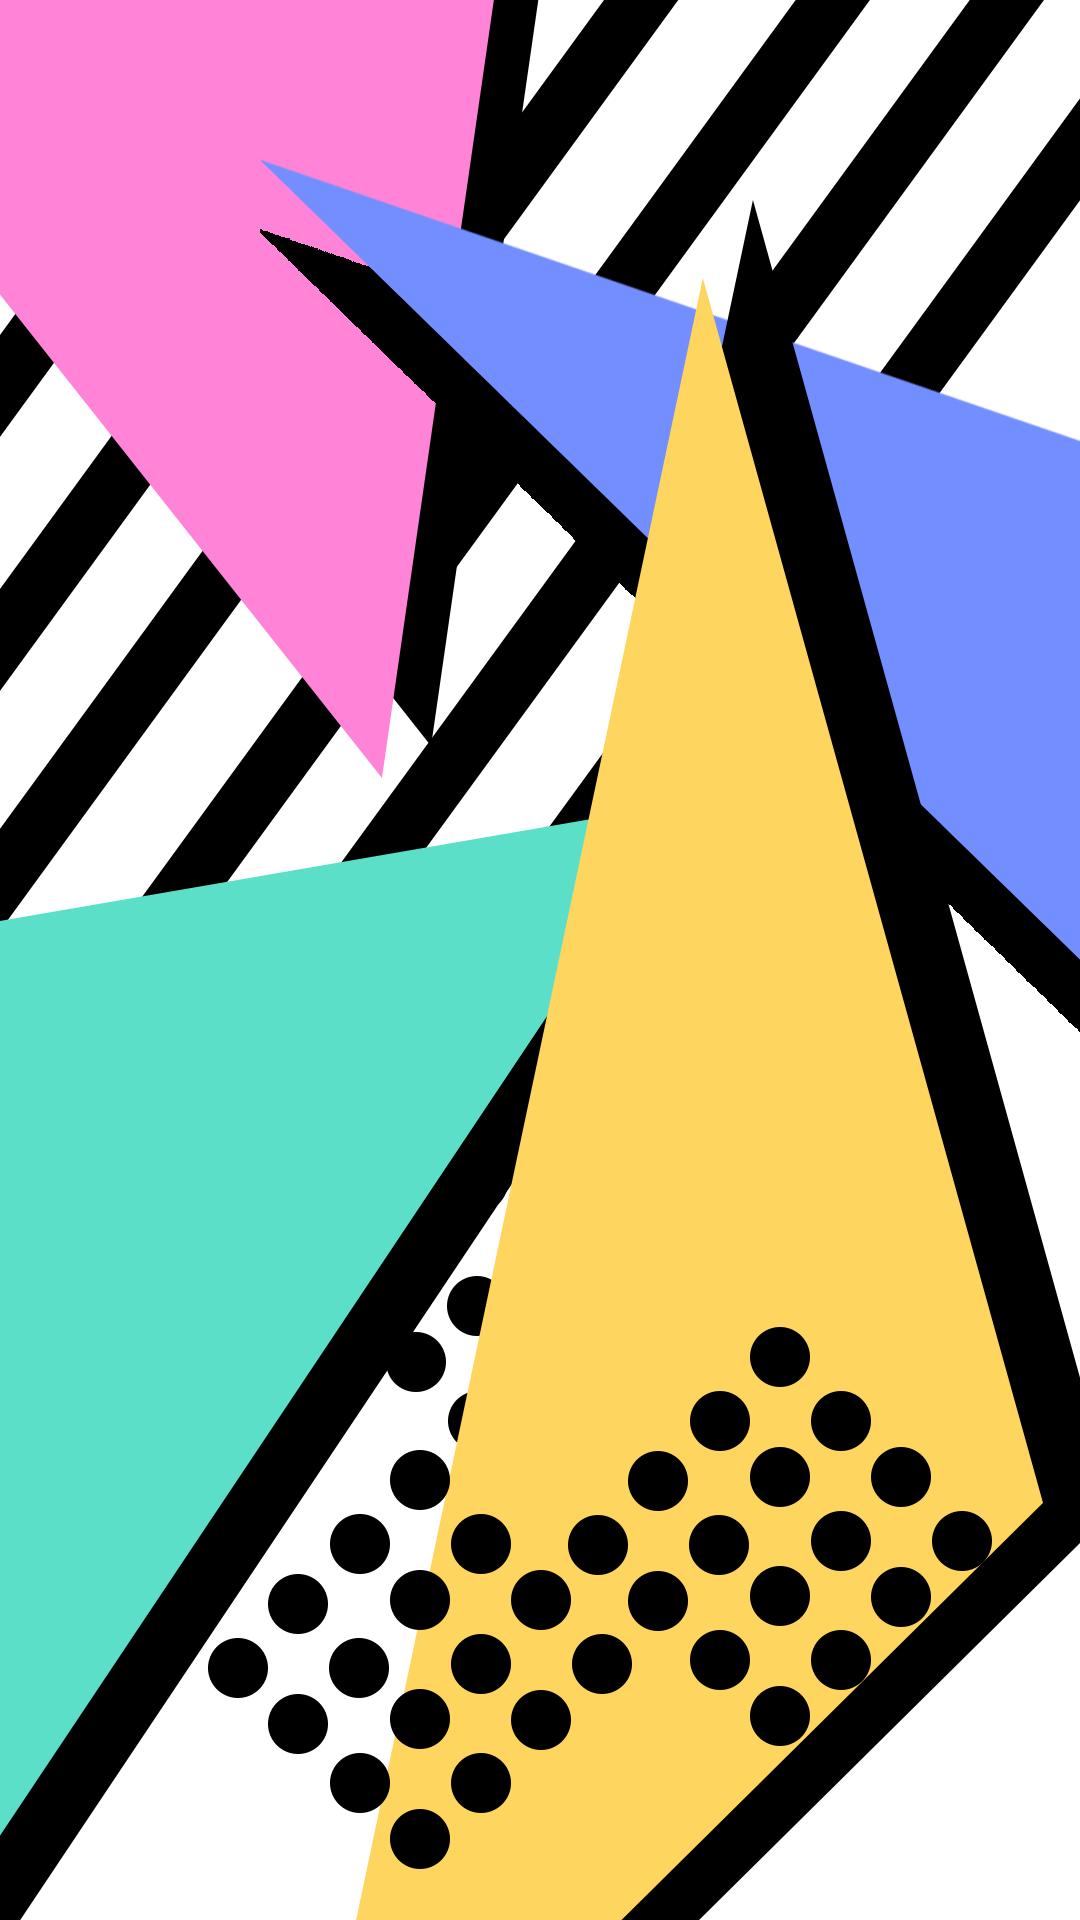 Retro Wallpaper   90s [1920x1080] JOY DIVISION Pop art 1080x1920